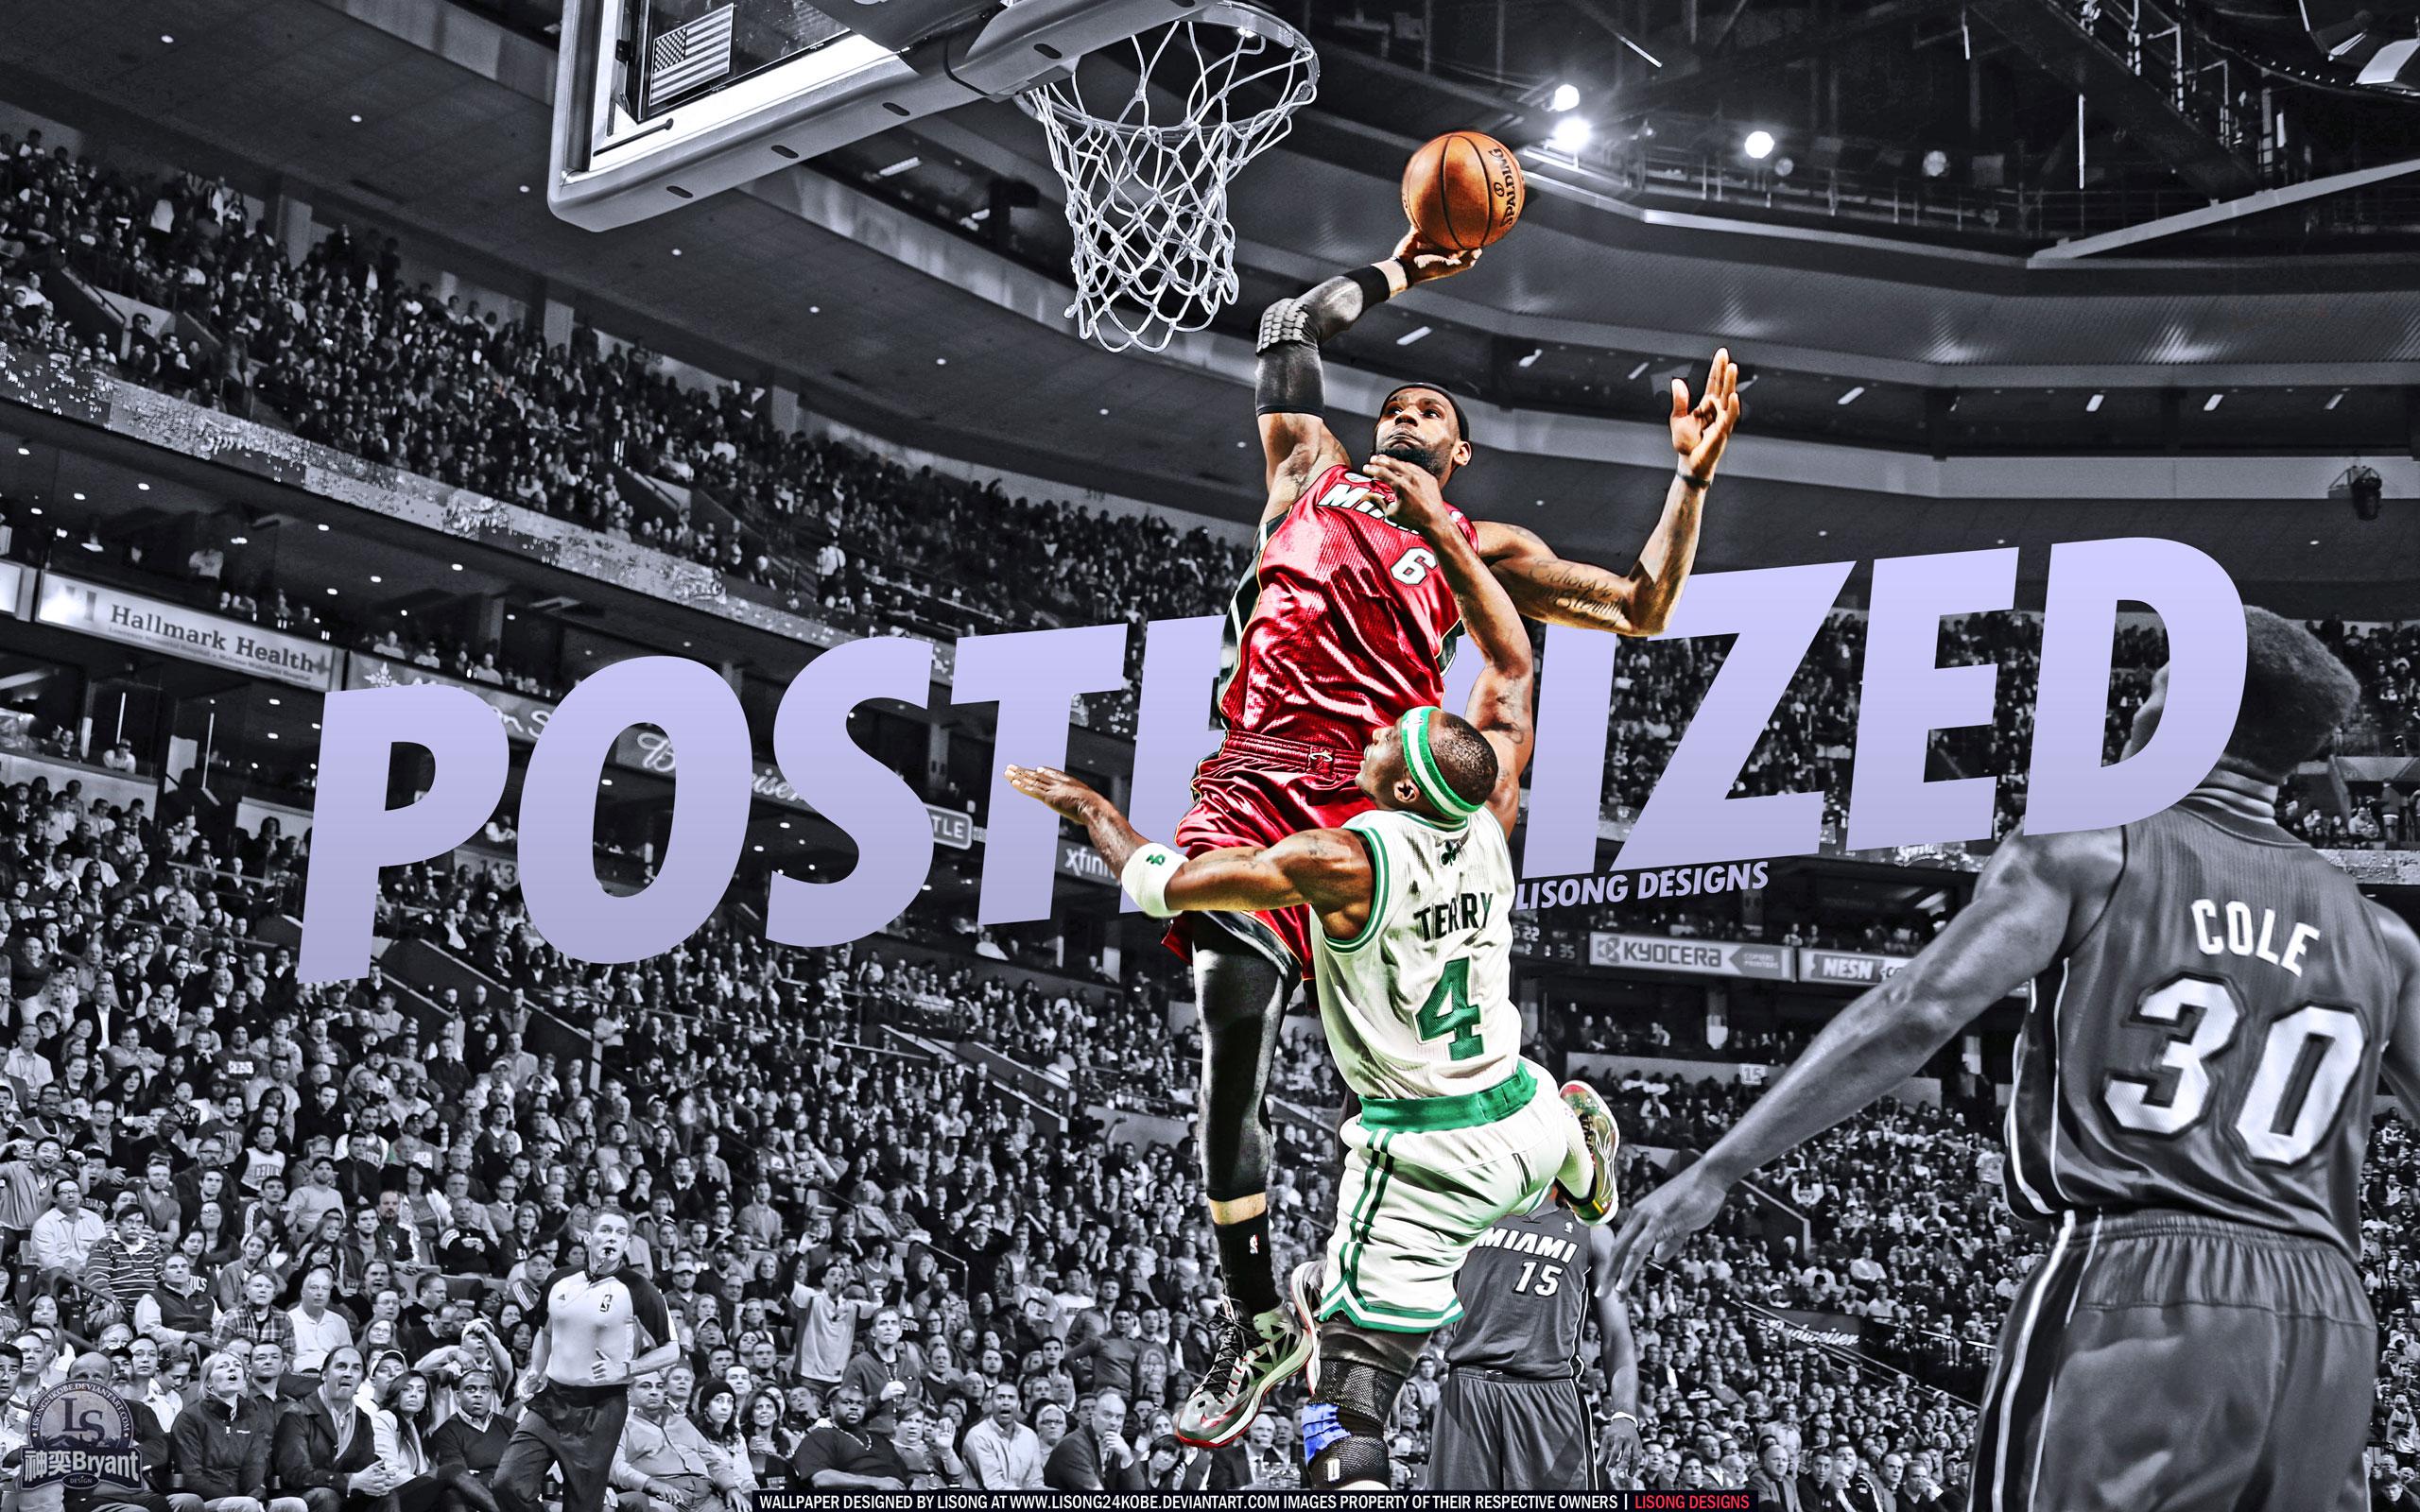 25601600 Wallpaper Basketball Wallpapers at BasketWallpaperscom 2560x1600